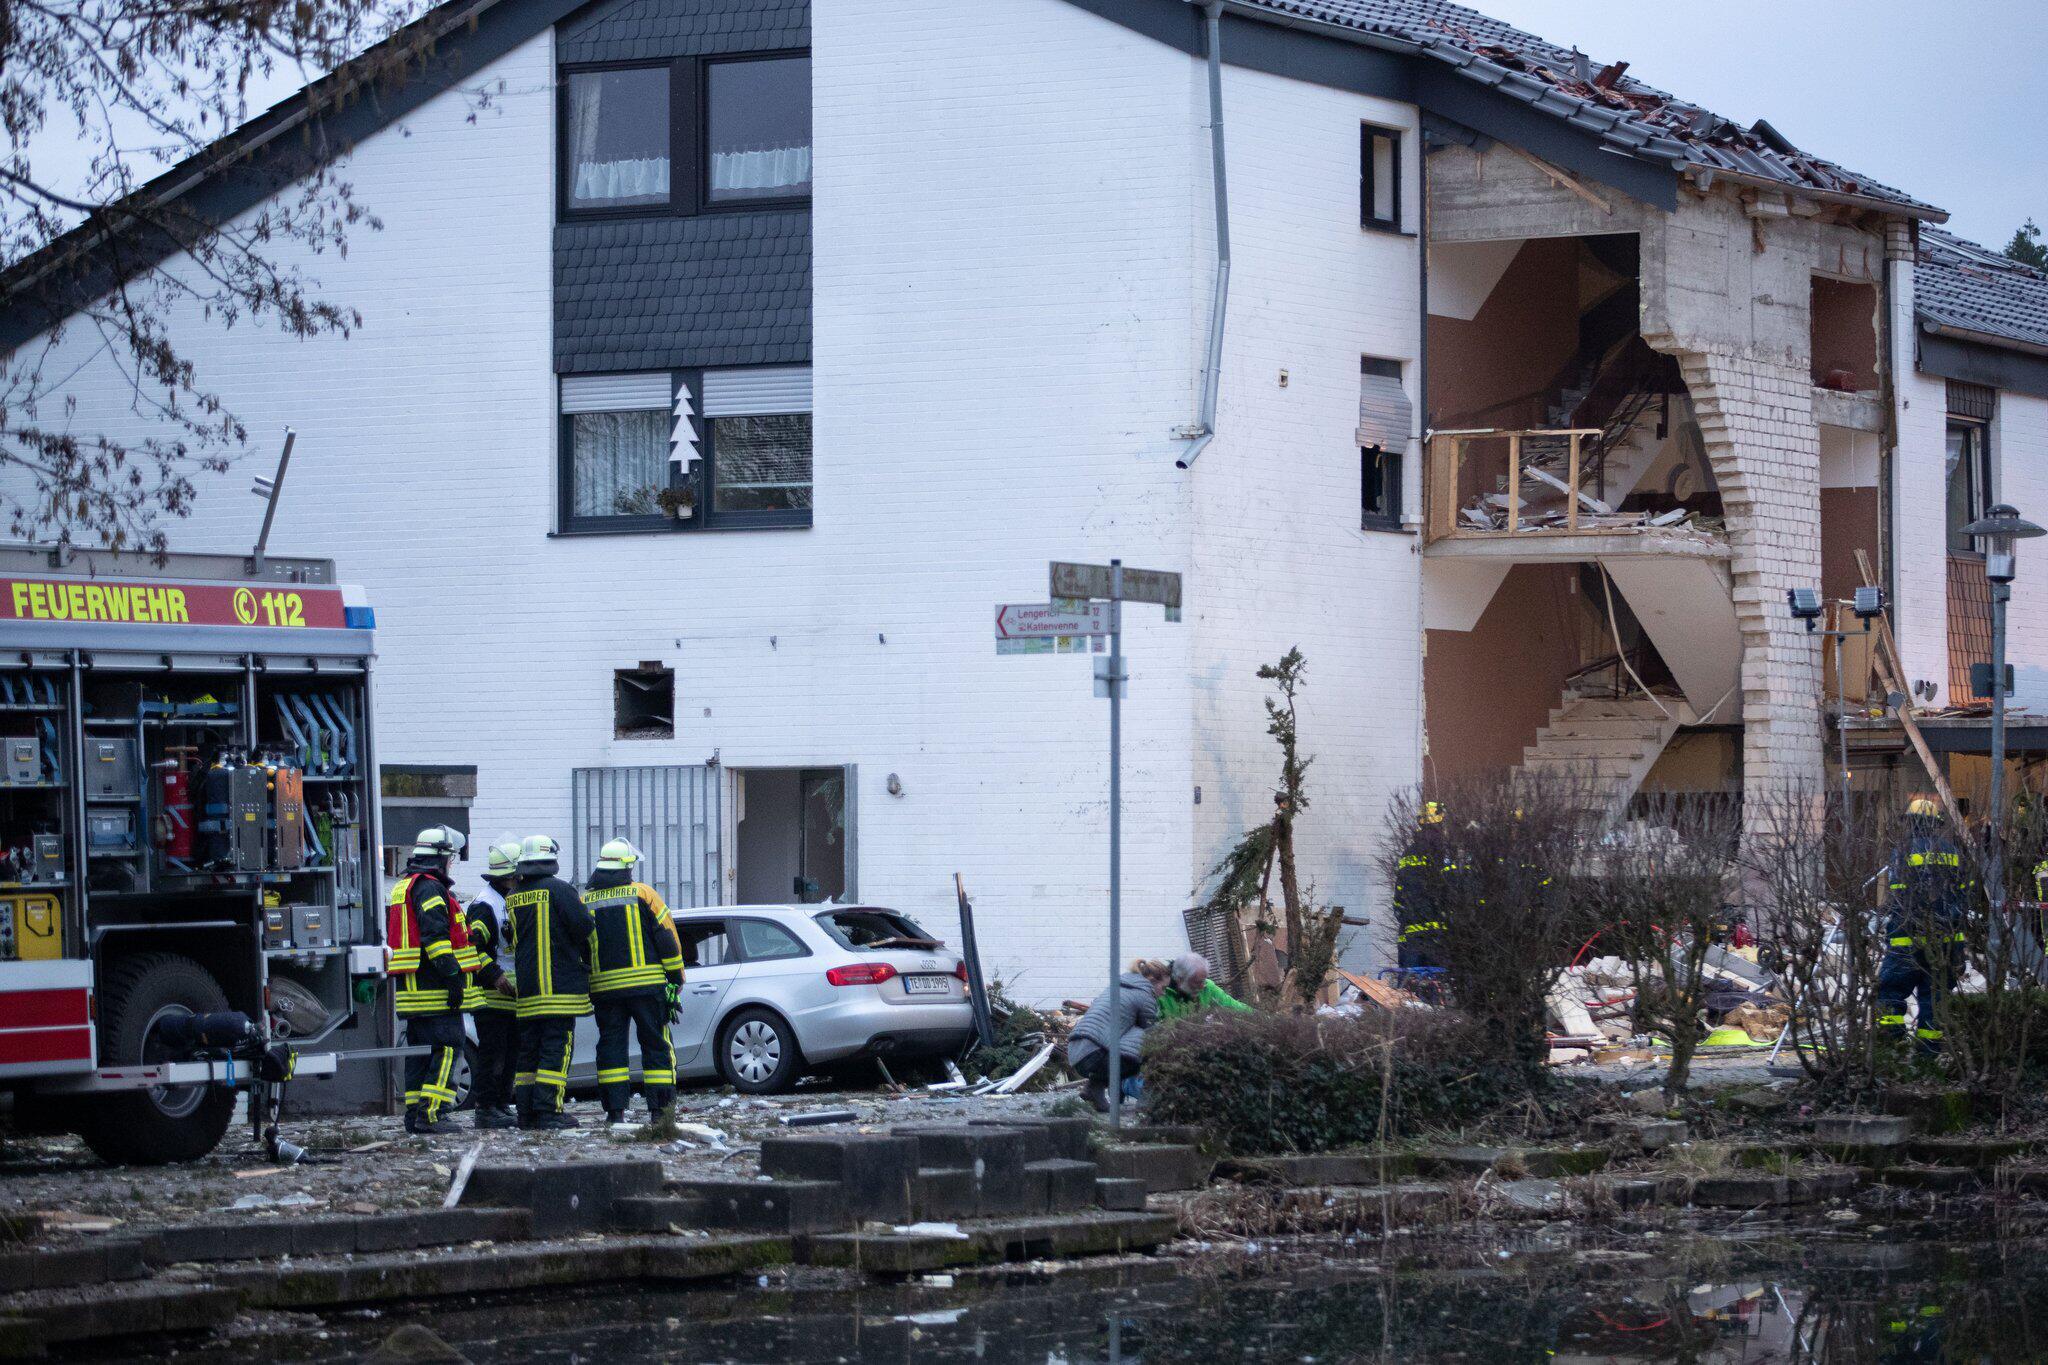 Bild zu Gasexplosion in Mehrfamilienhaus